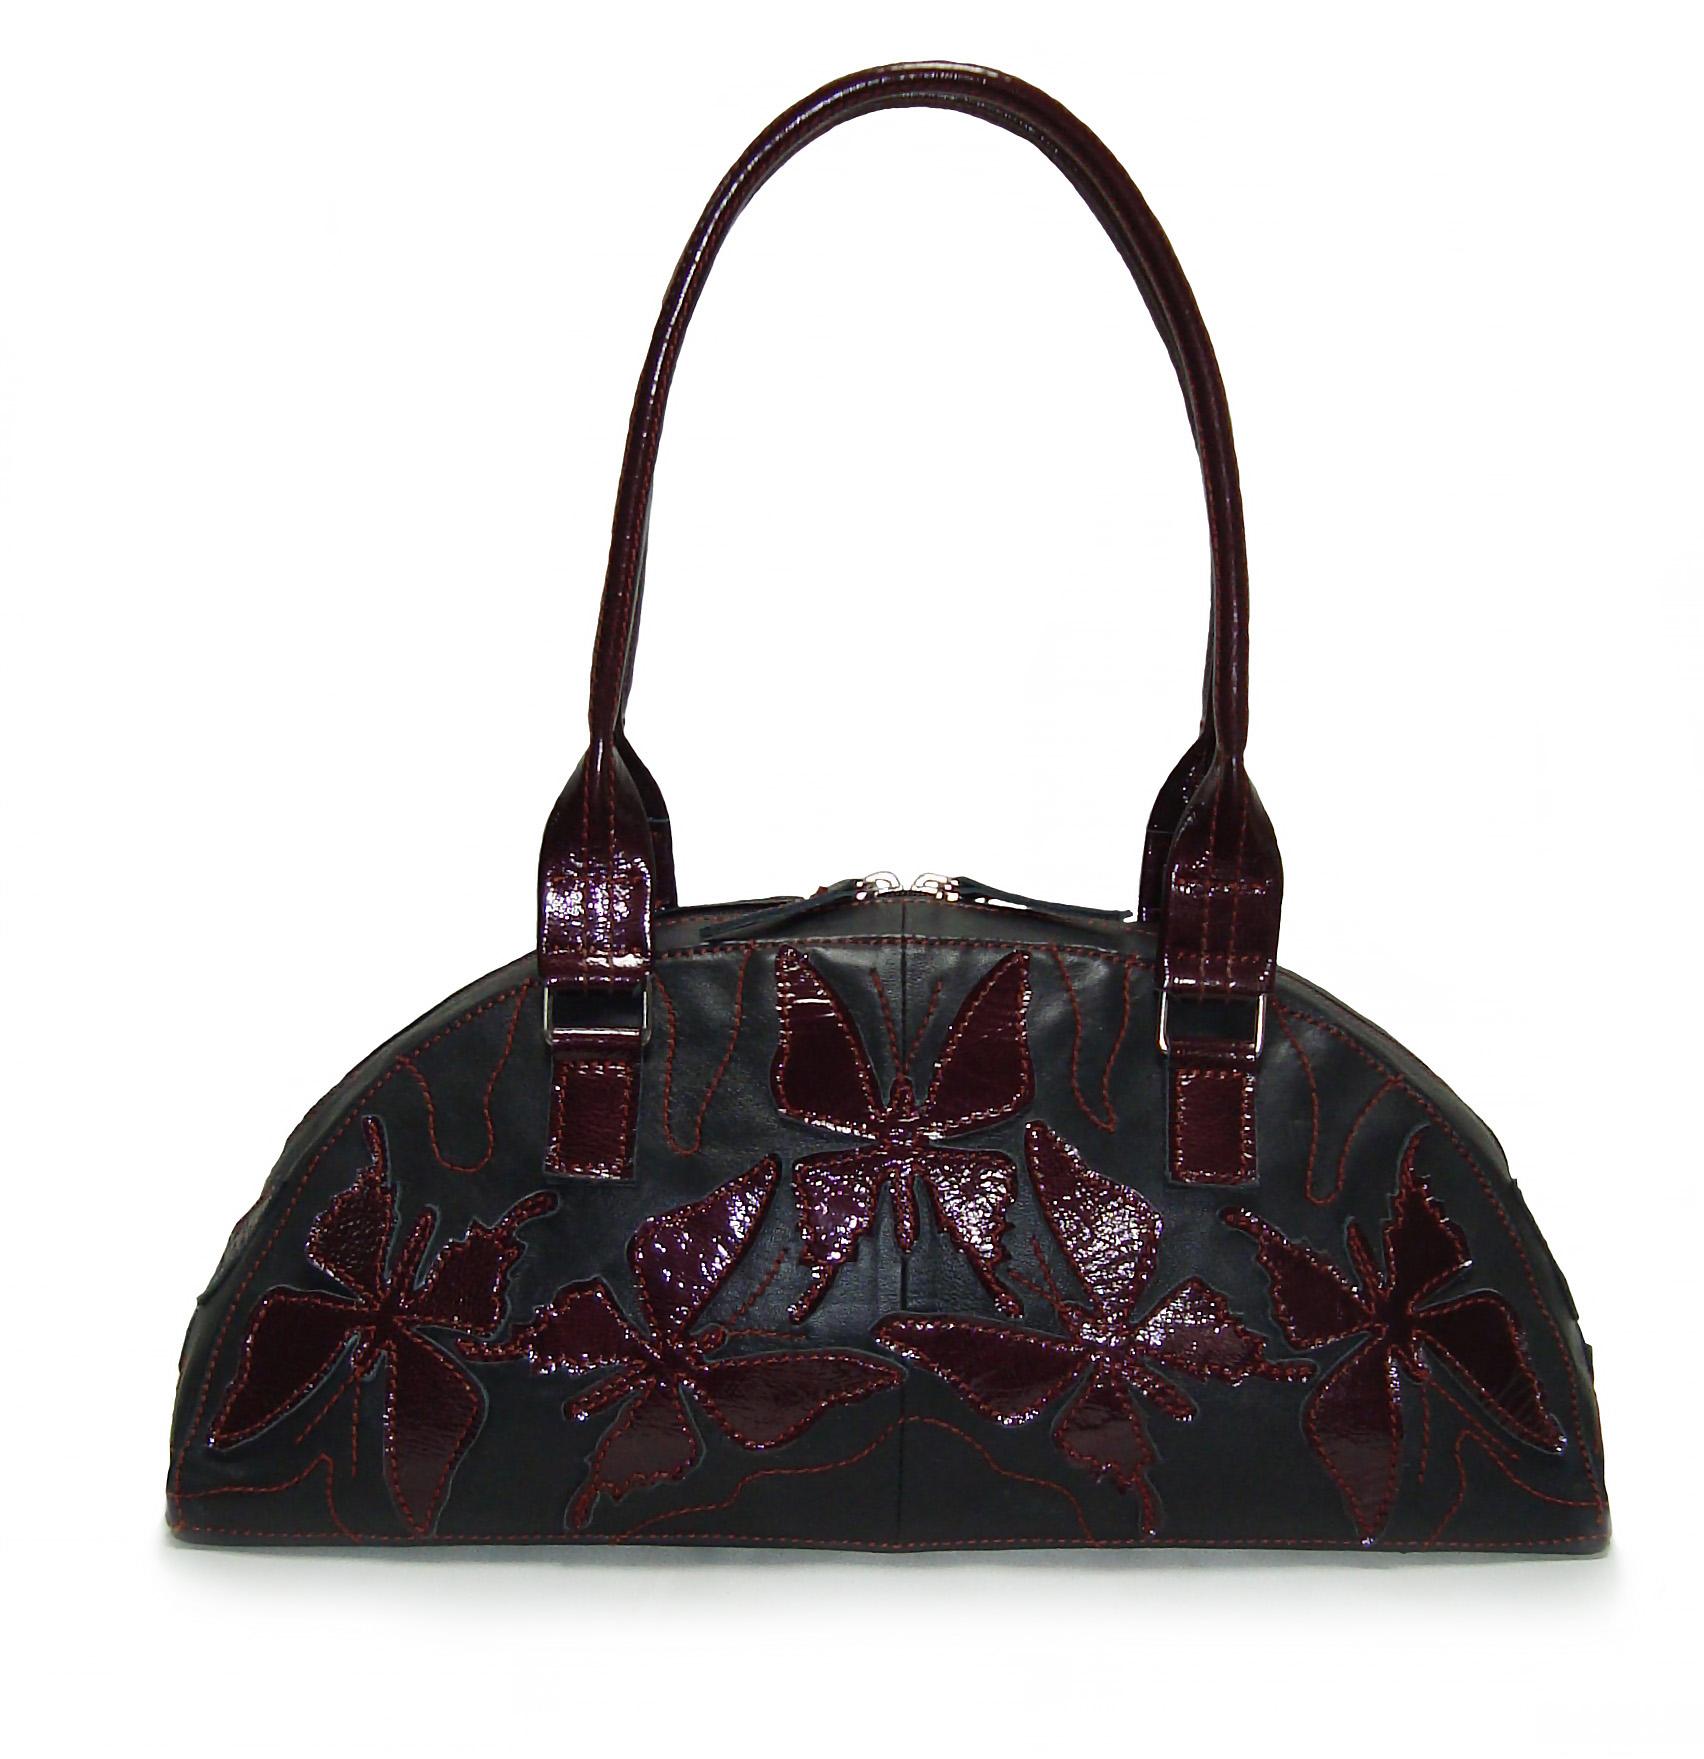 Сумка Модель № 34Сумки и др. изделия из кожи<br>Высота сумки: 19 см <br>Ширина сумки низ: 42 см <br>Ширина дна: 14 см <br>Длинна ручек: 60 см<br><br>Тип: Сумка<br>Размер: -<br>Материал: Натуральная кожа